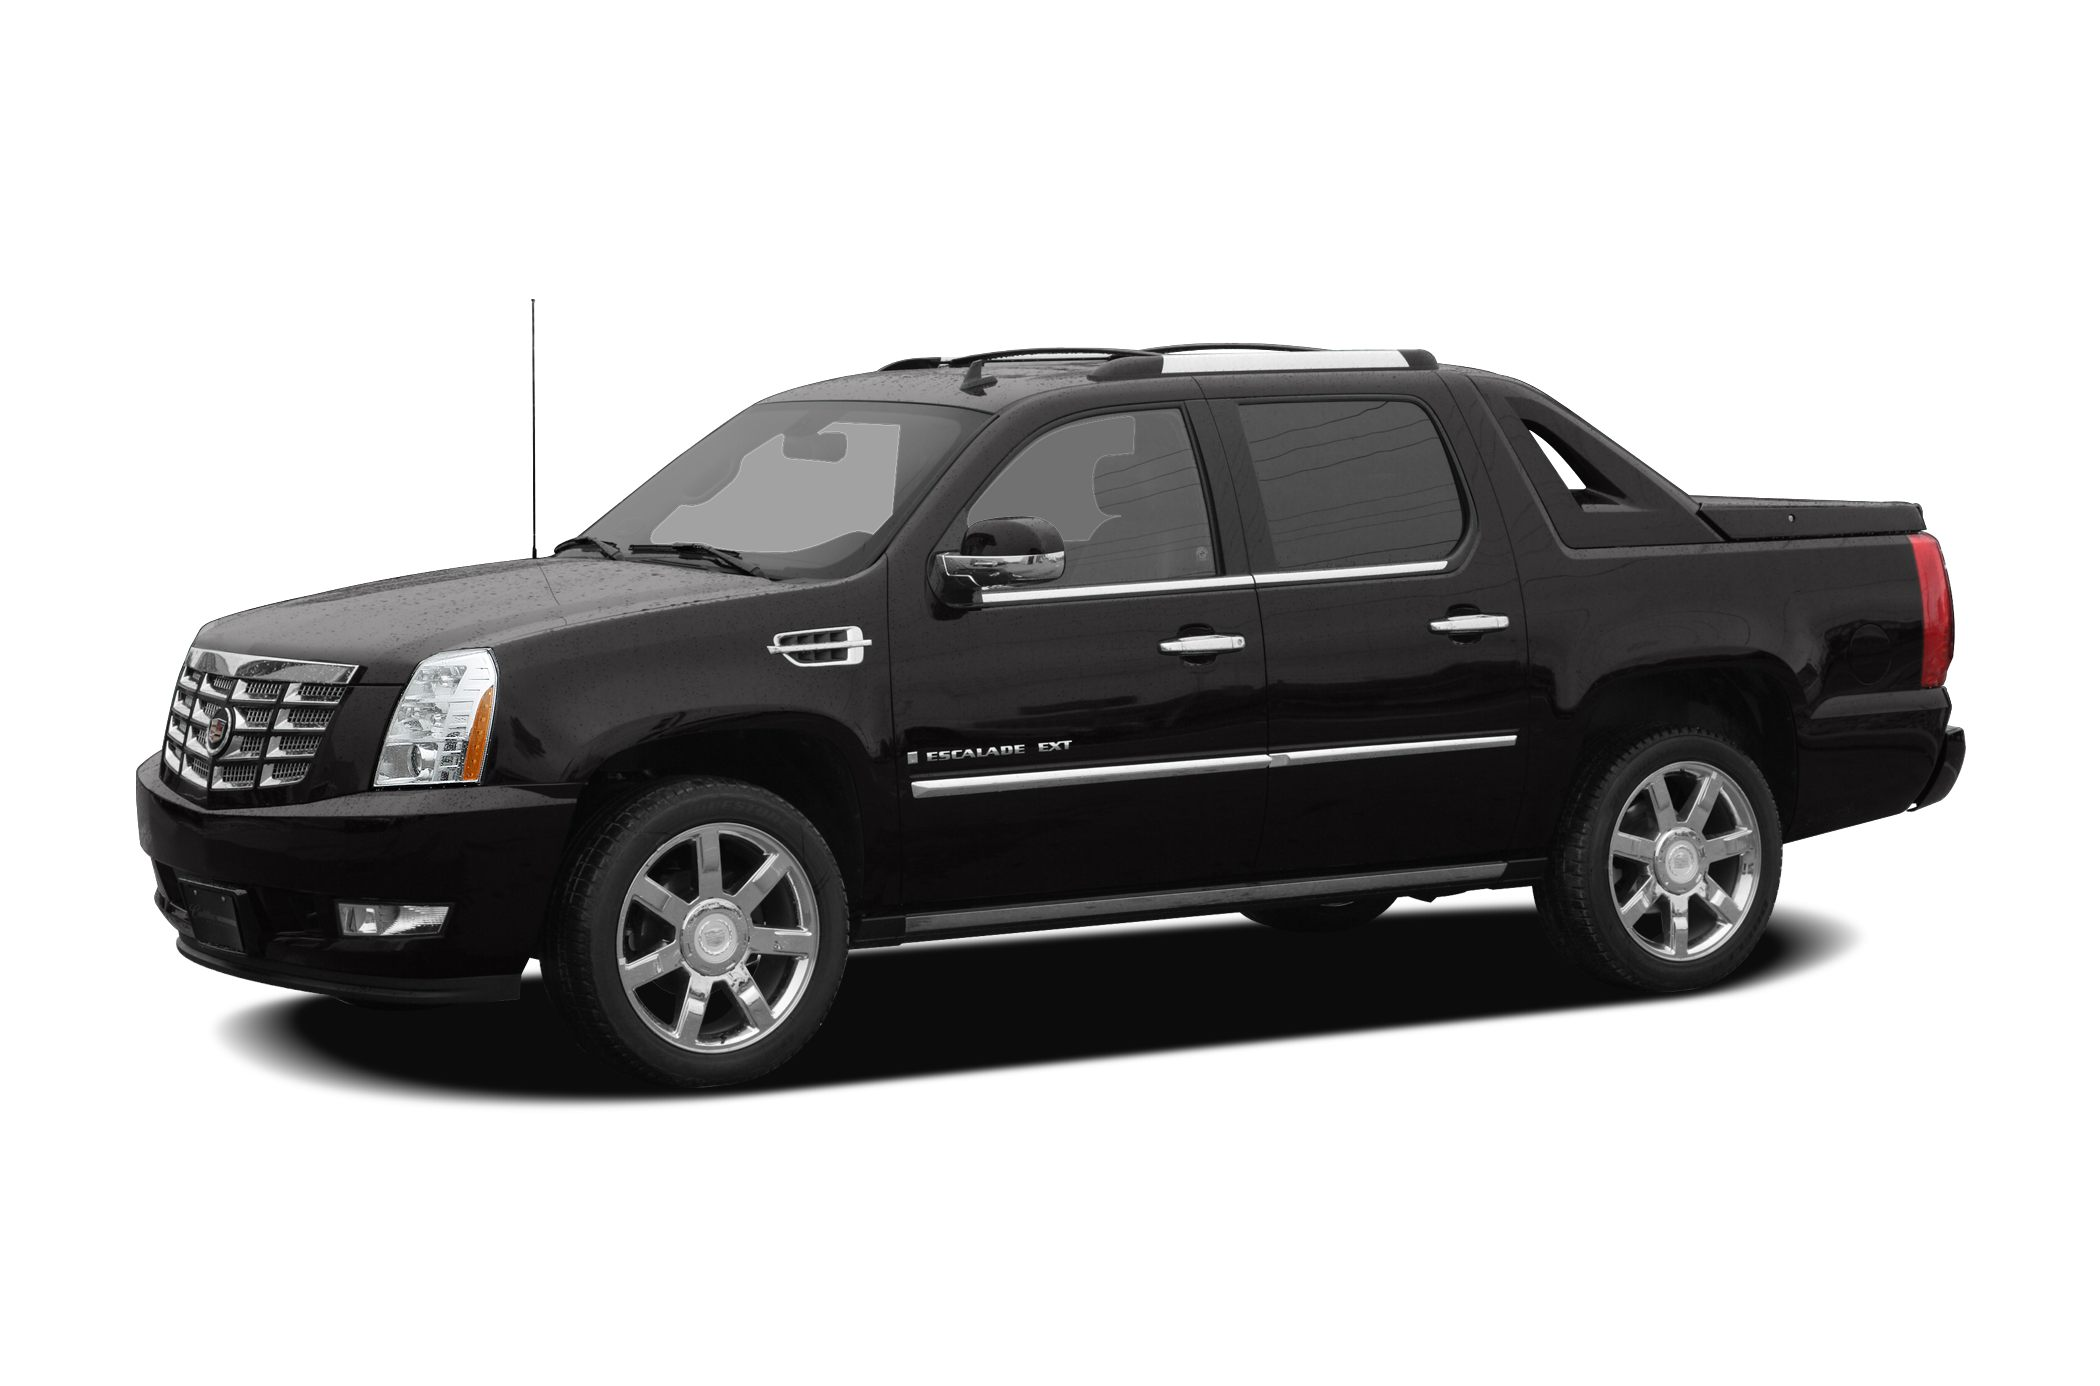 2009 Cadillac Escalade EXT